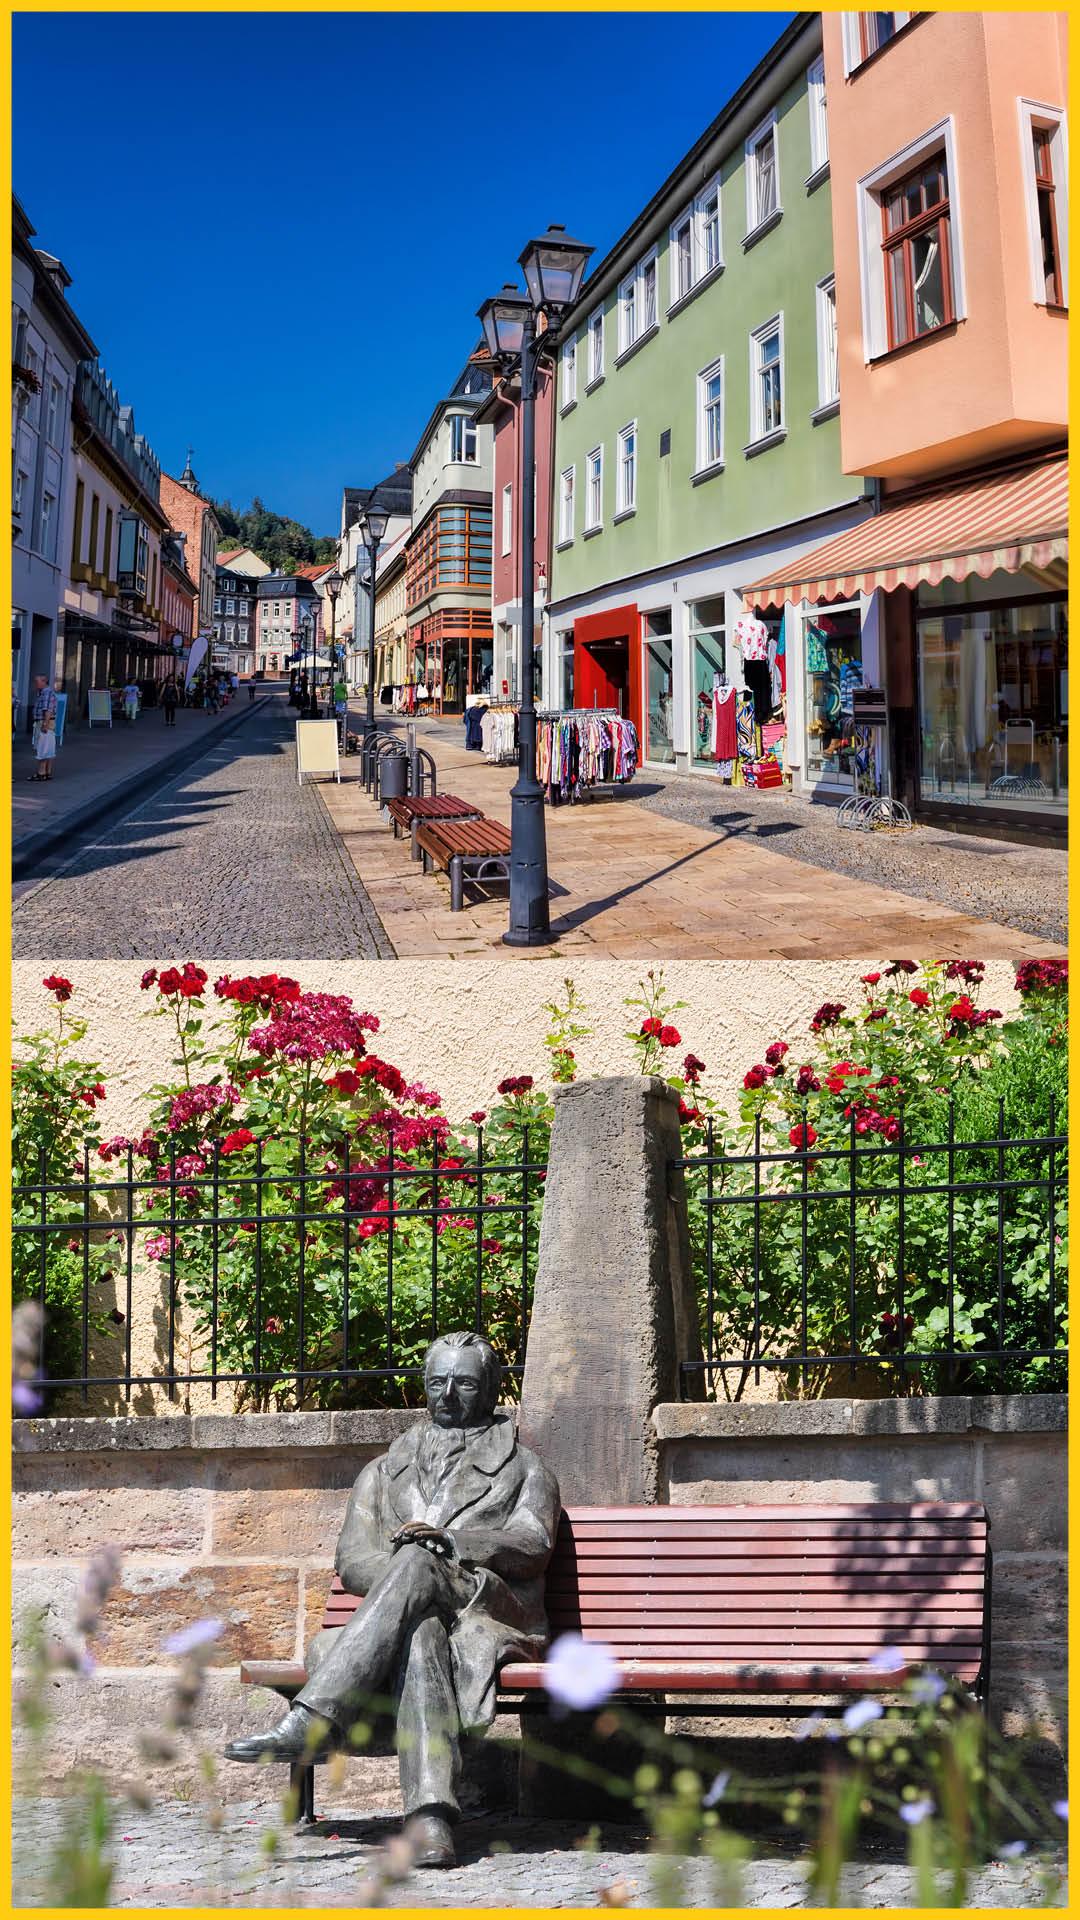 Bild oben: Einkaufsstraße mit Geschäften in der Innenstadt von Imenau, Bild unten: Goethedenkmal aus Bronze, Ilmtalradweg durchgeführt vom Werra Bikes